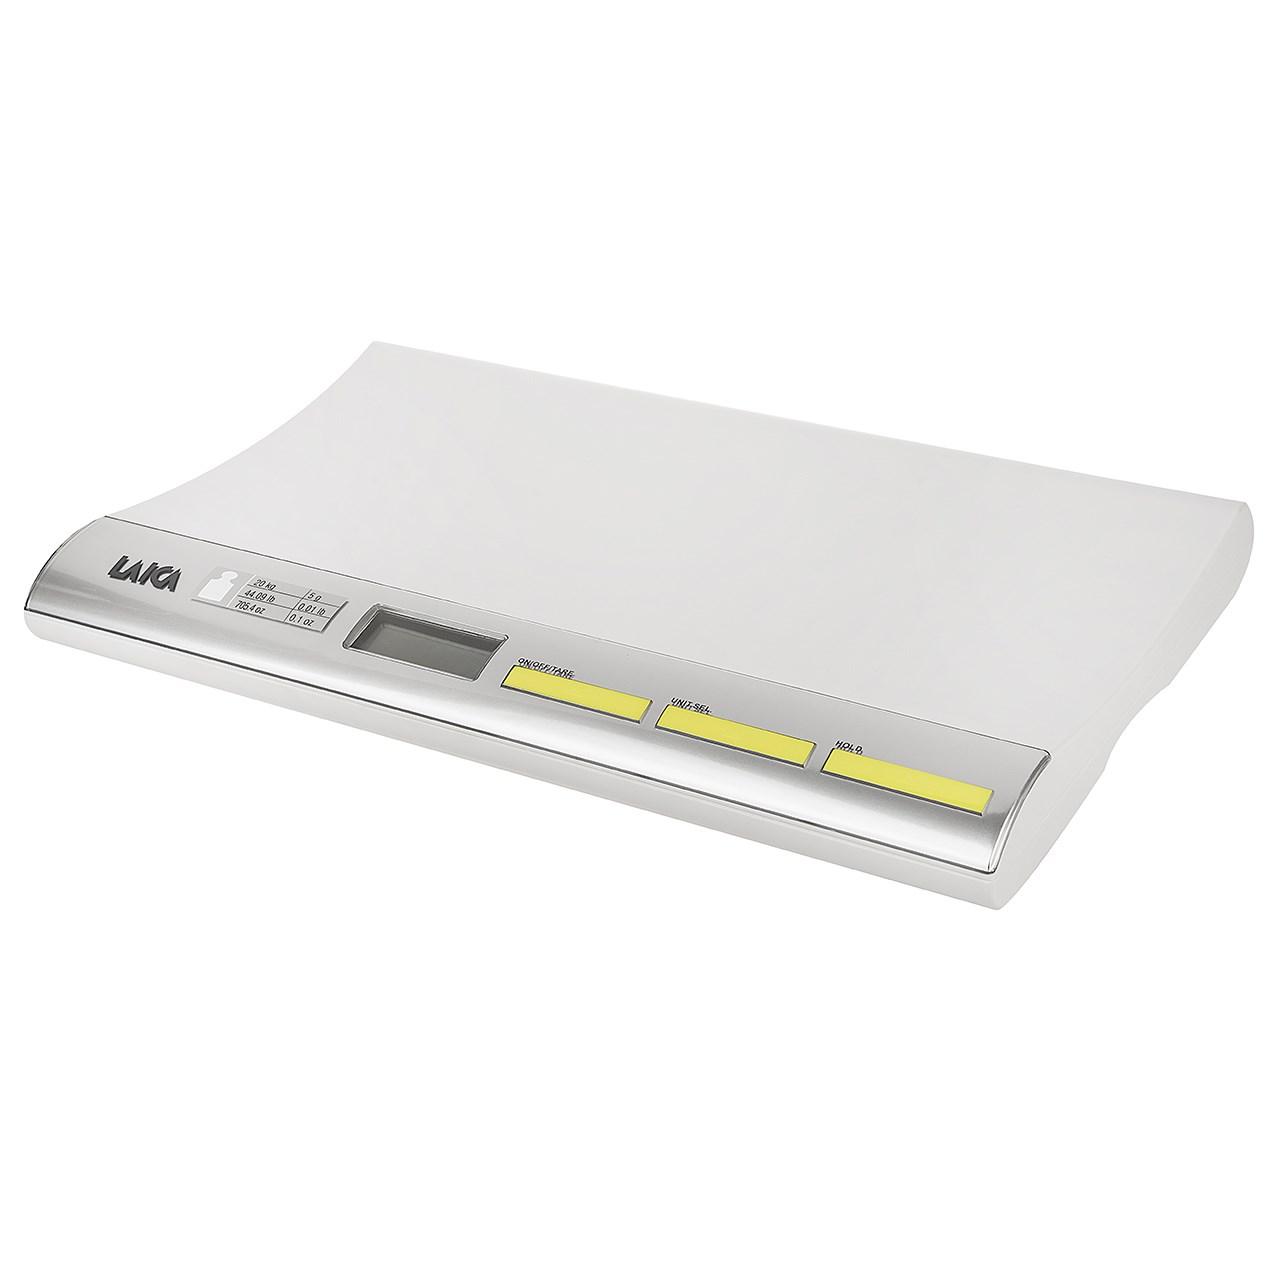 ترازو دیجیتال نوزاد لایکا مدل PS3001